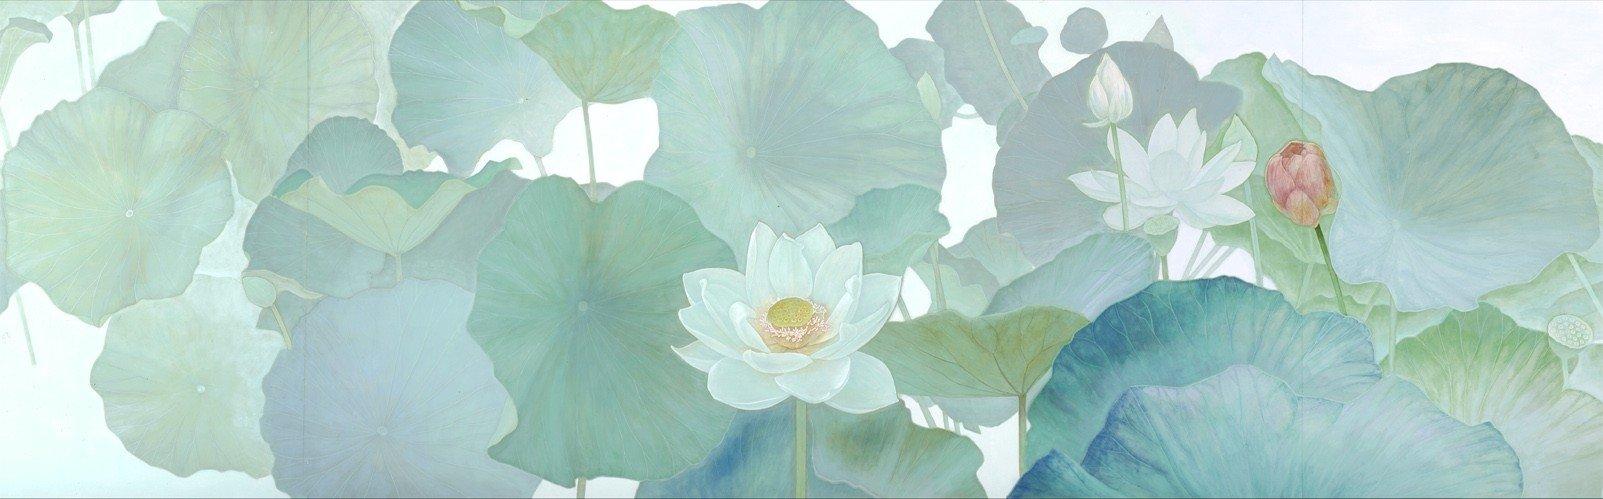 日本画 Japanese-style paintings 画像 - anoword ...